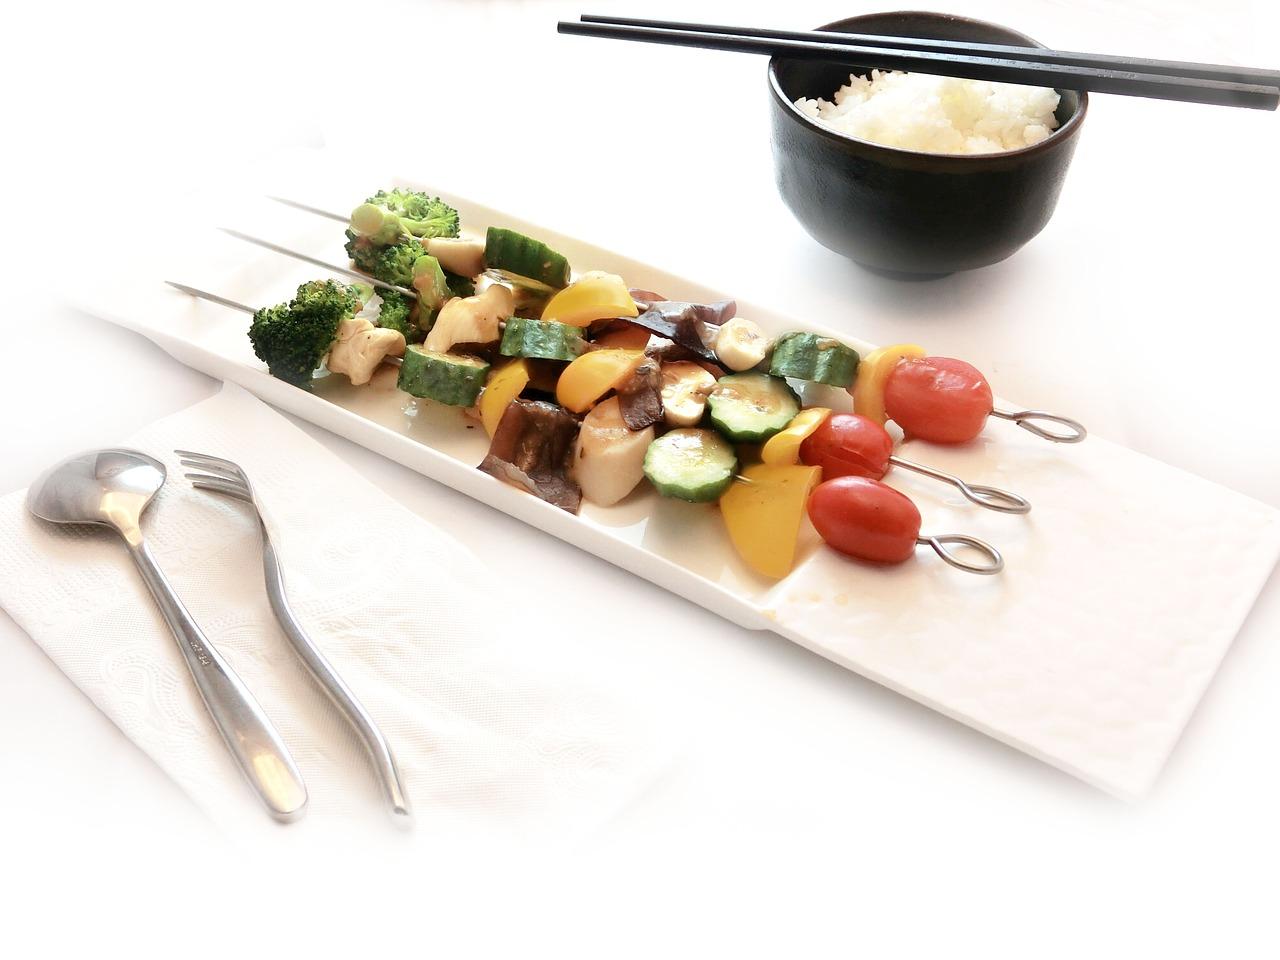 Jakie są zalety cateringu dietetycznego?